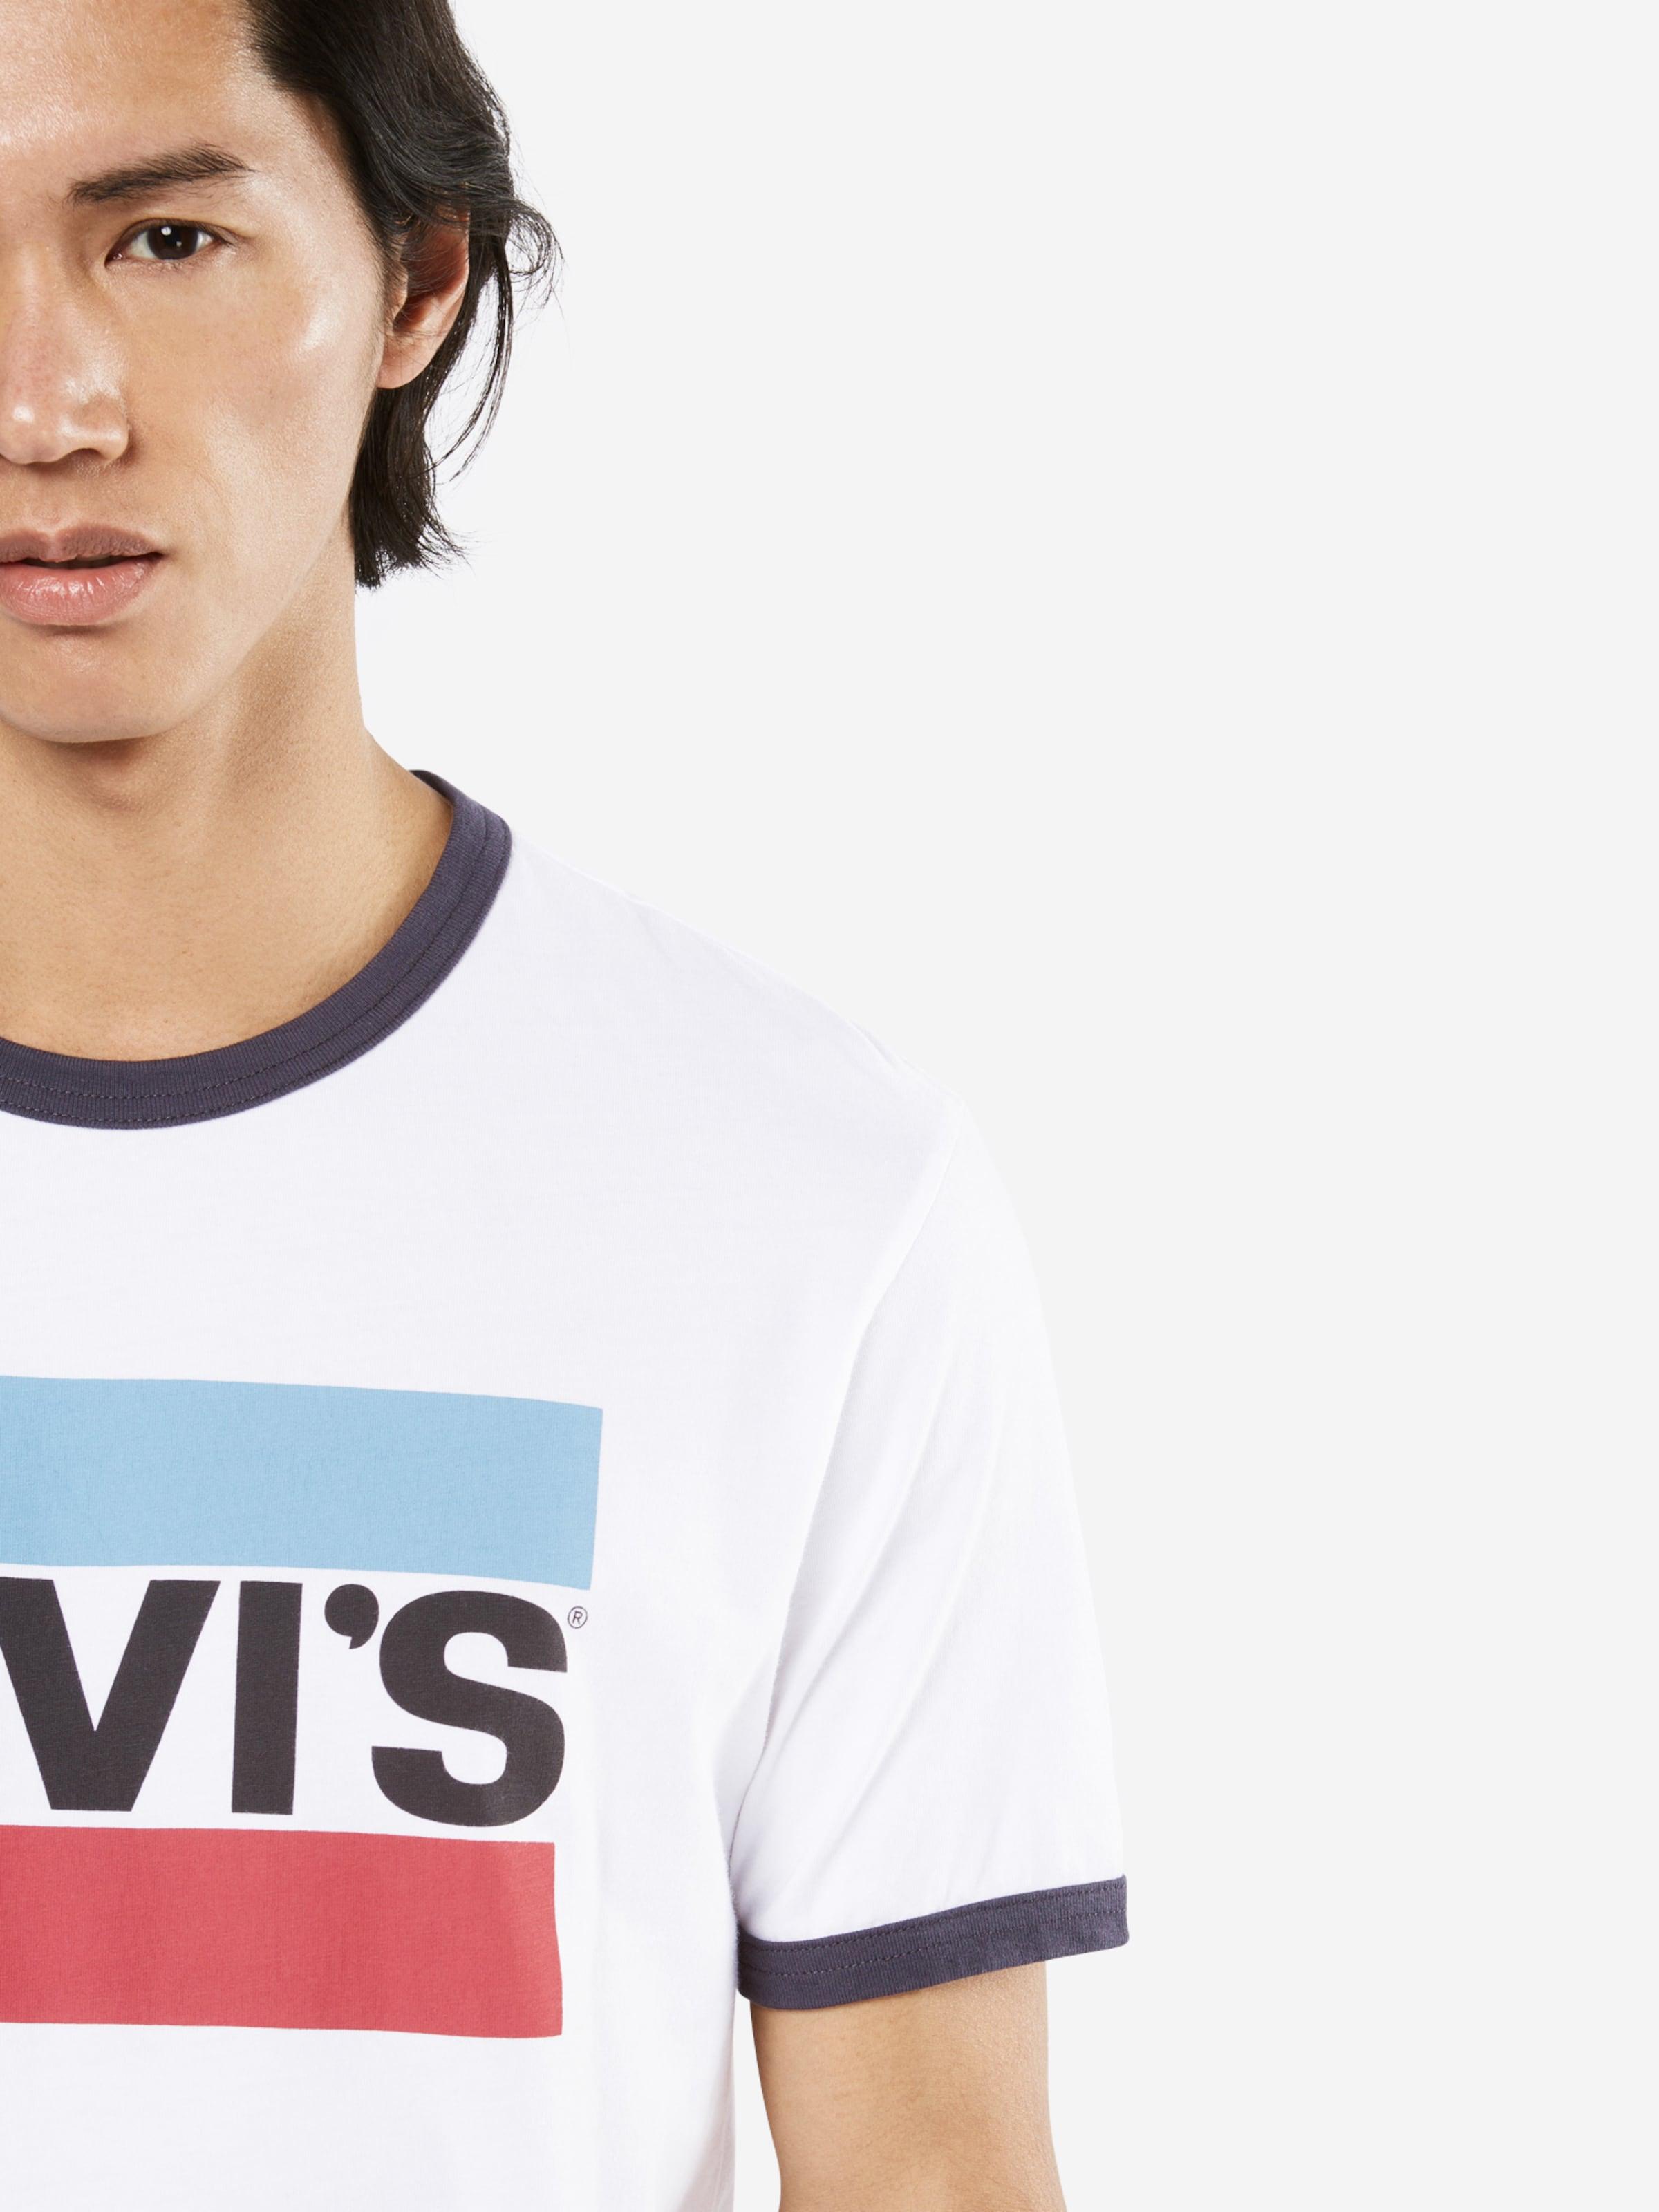 LEVI'S T-Shirt 'SS RINGER TEE SPORTSWEAR' Für Günstig Online Zum Verkauf Offizieller Seite Spielraum Angebote Günstig Kaufen Brandneue Unisex Mit Kreditkarte Online Wa9EF